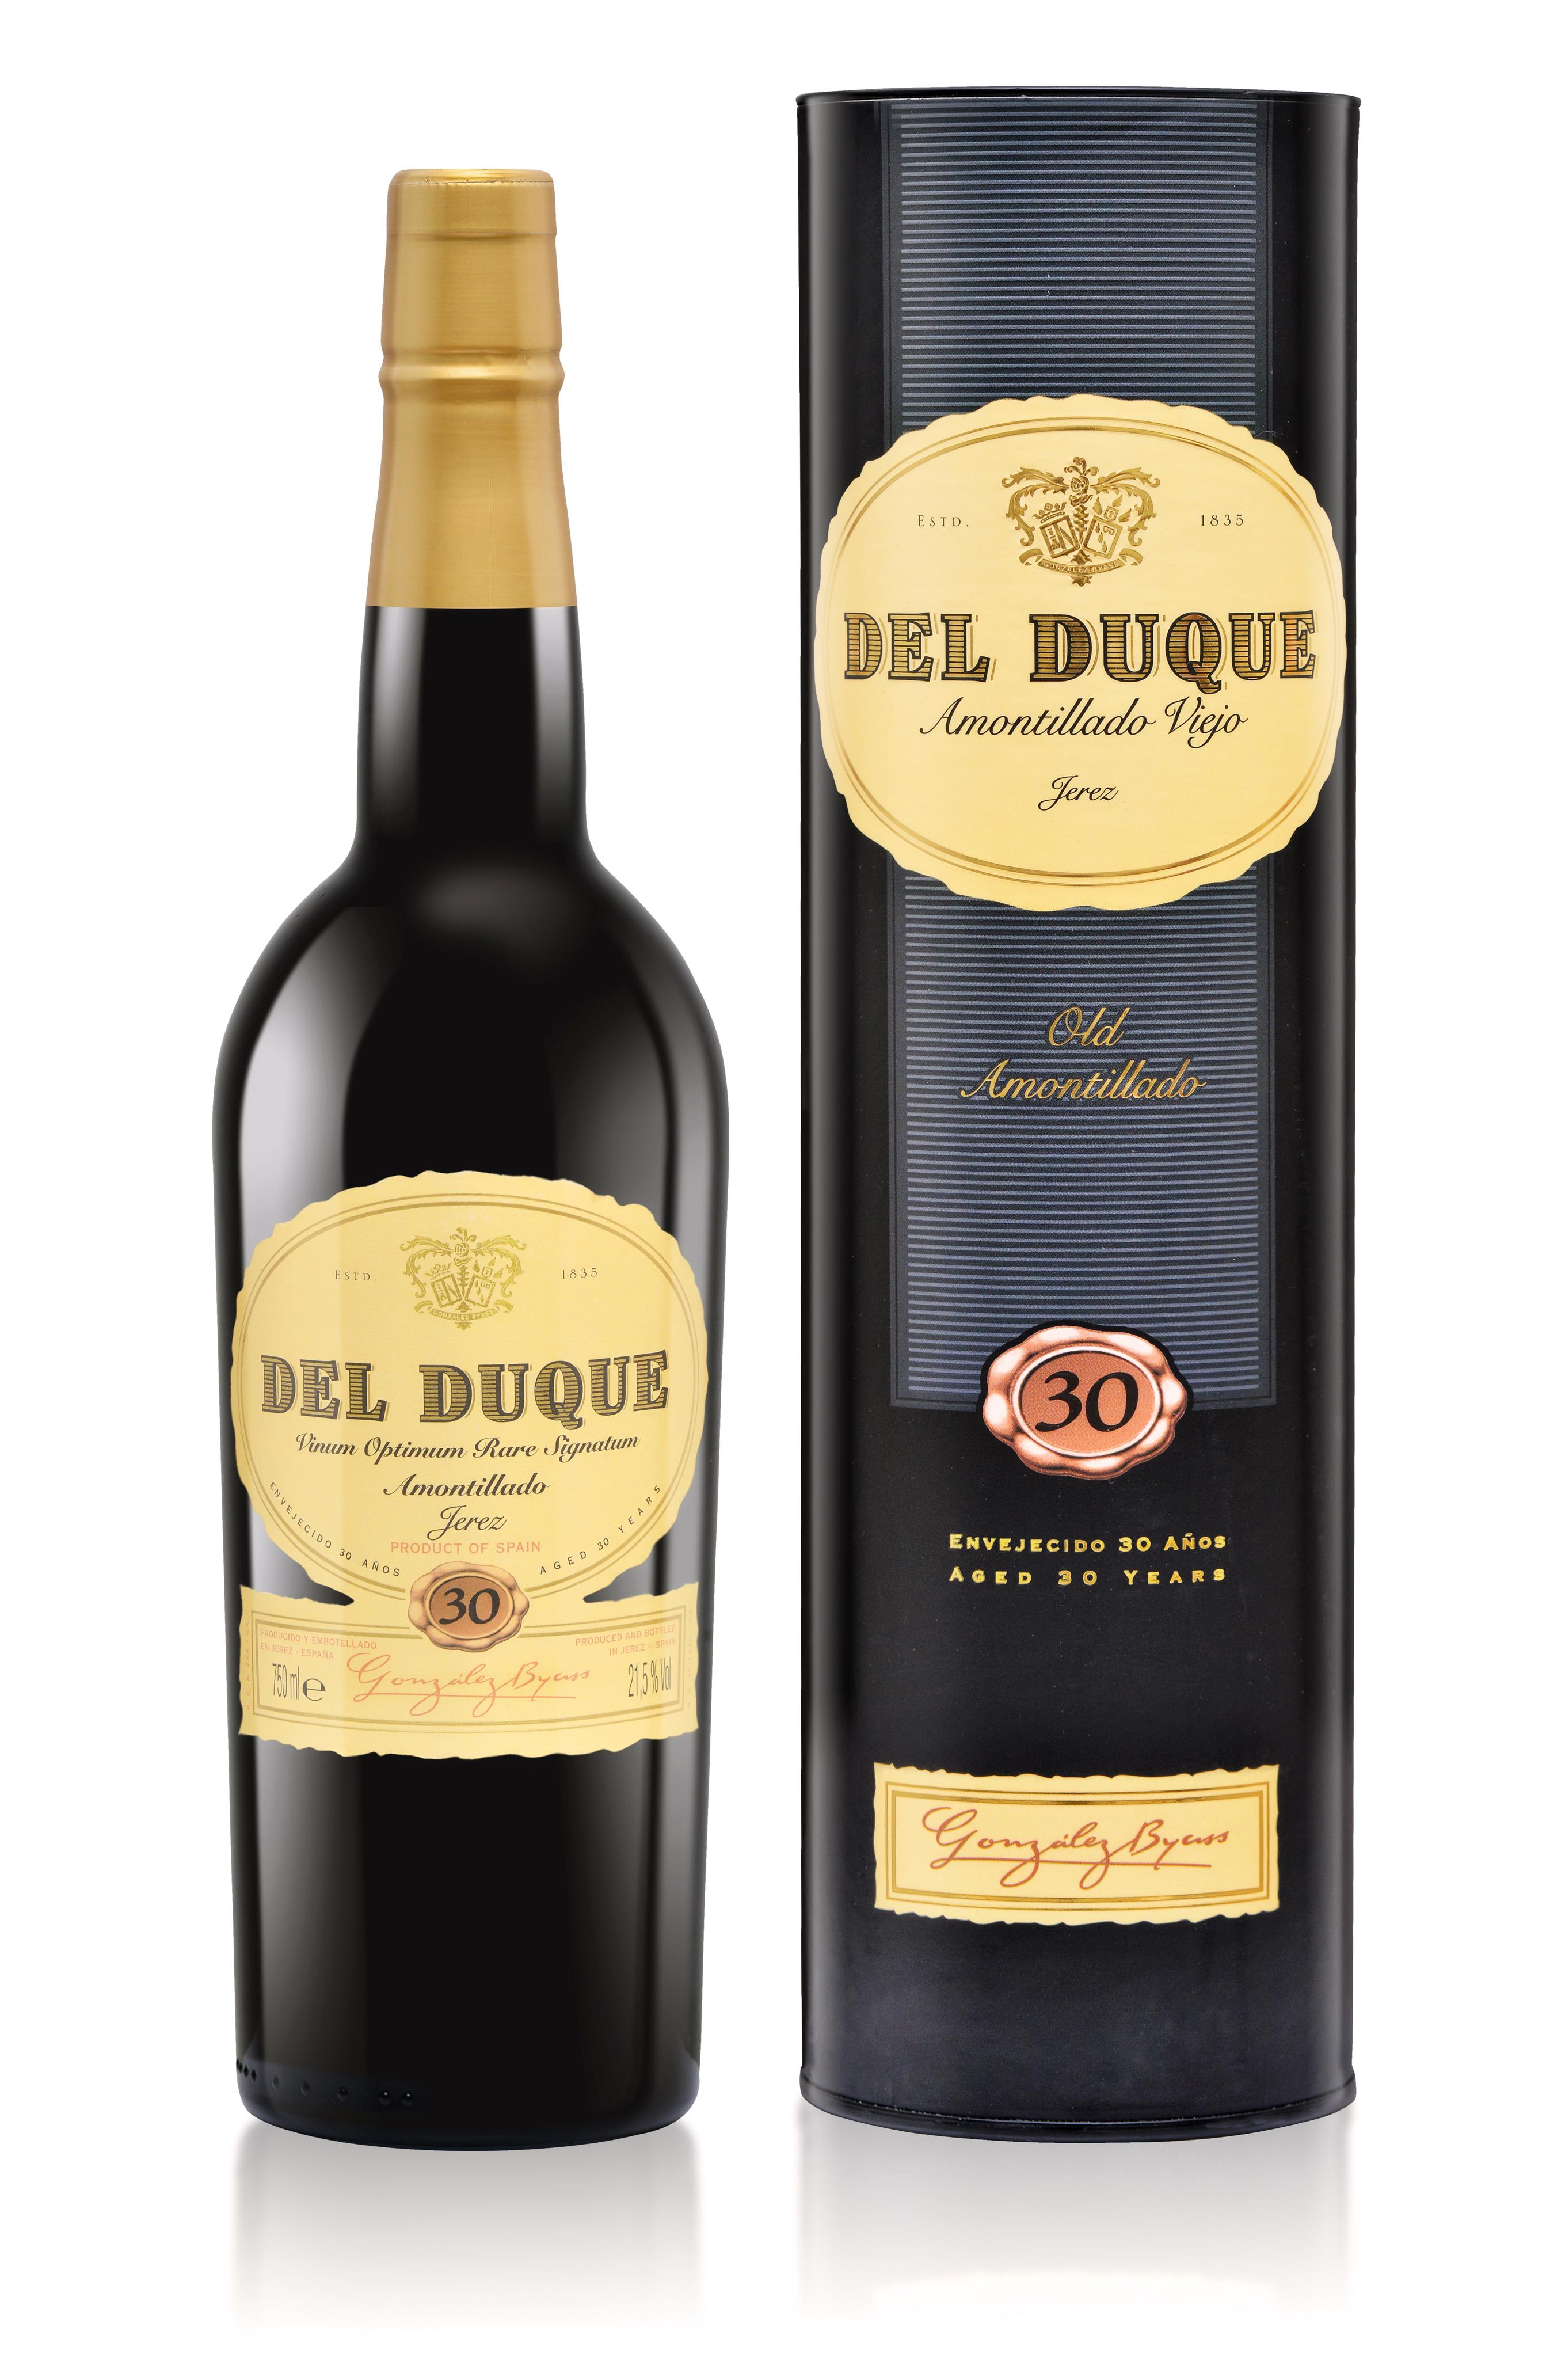 Del Duque Amontillado  GONZALEZ BYASS halbe Flasche